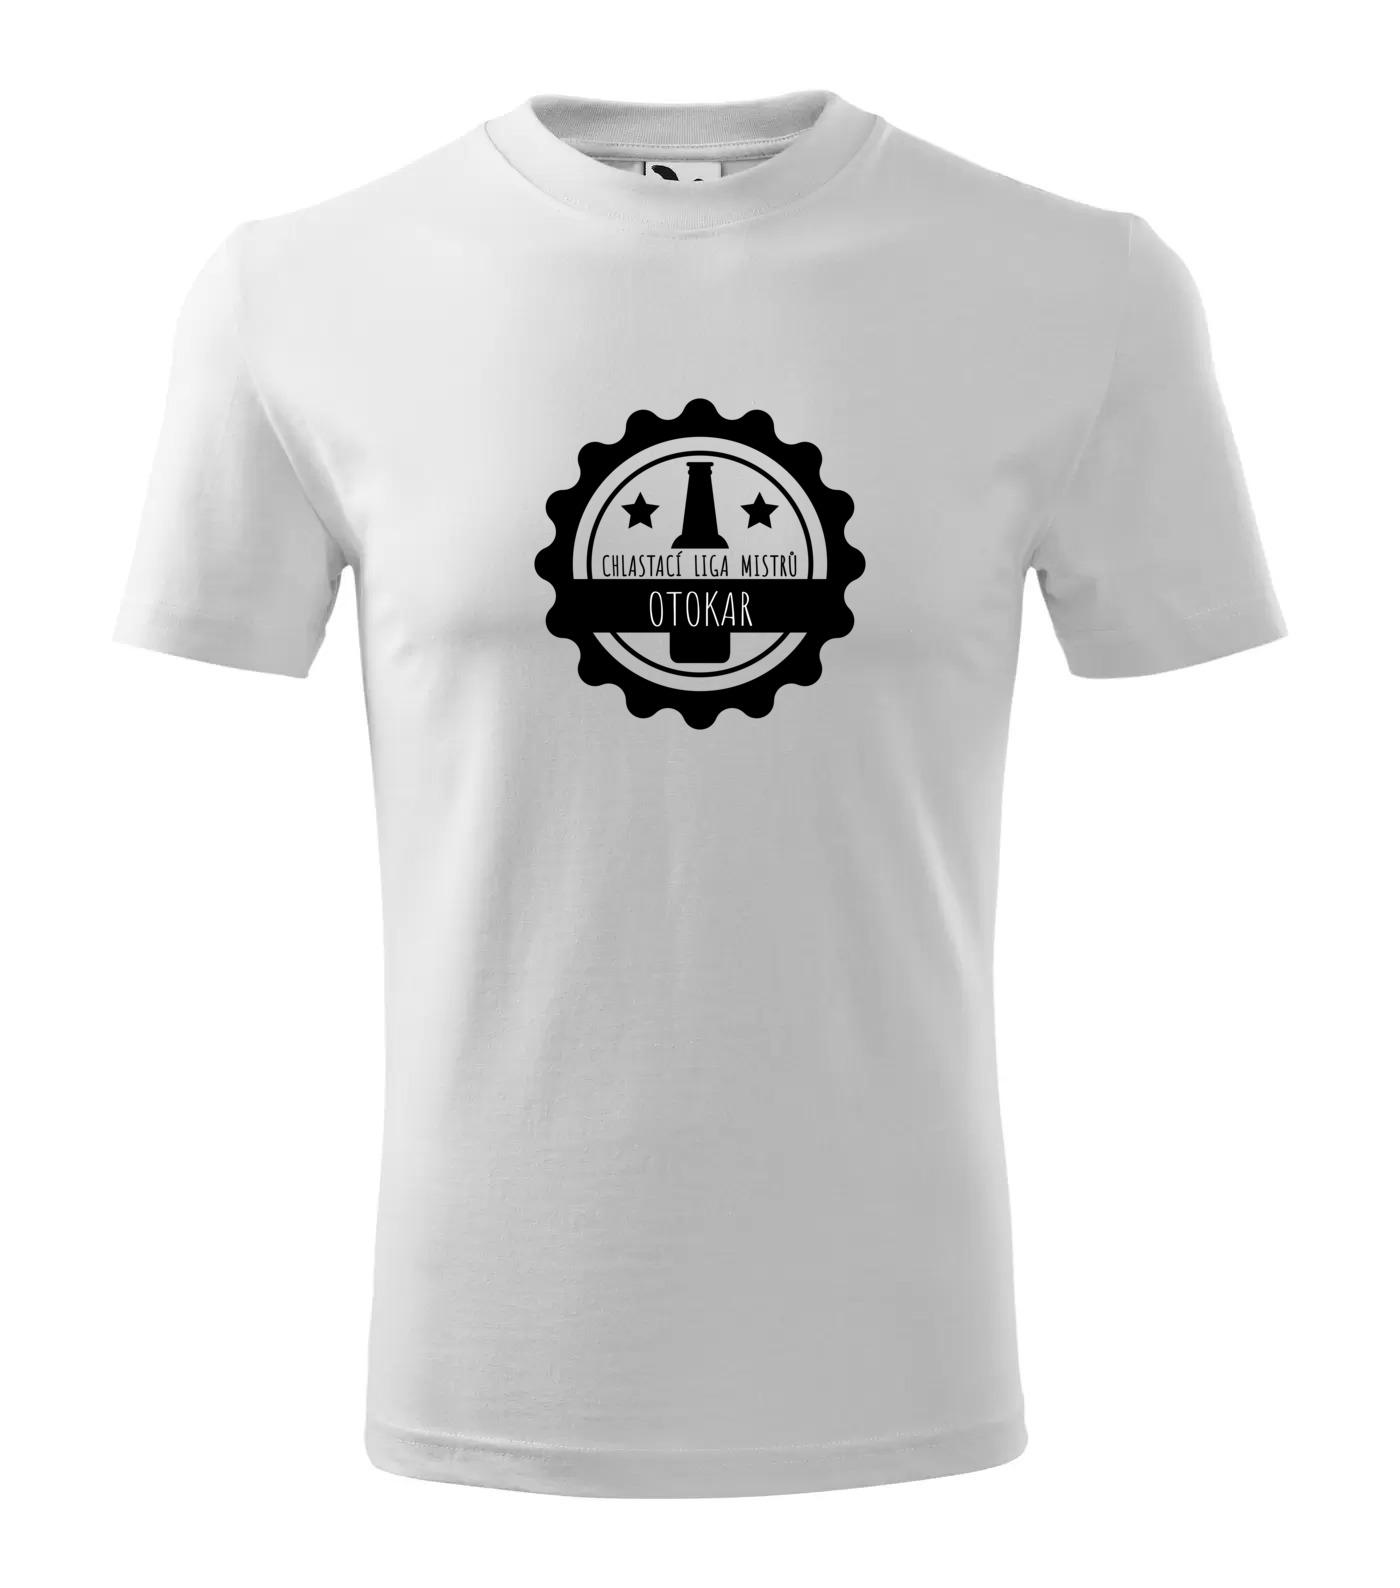 Tričko Chlastací liga mužů Otokar